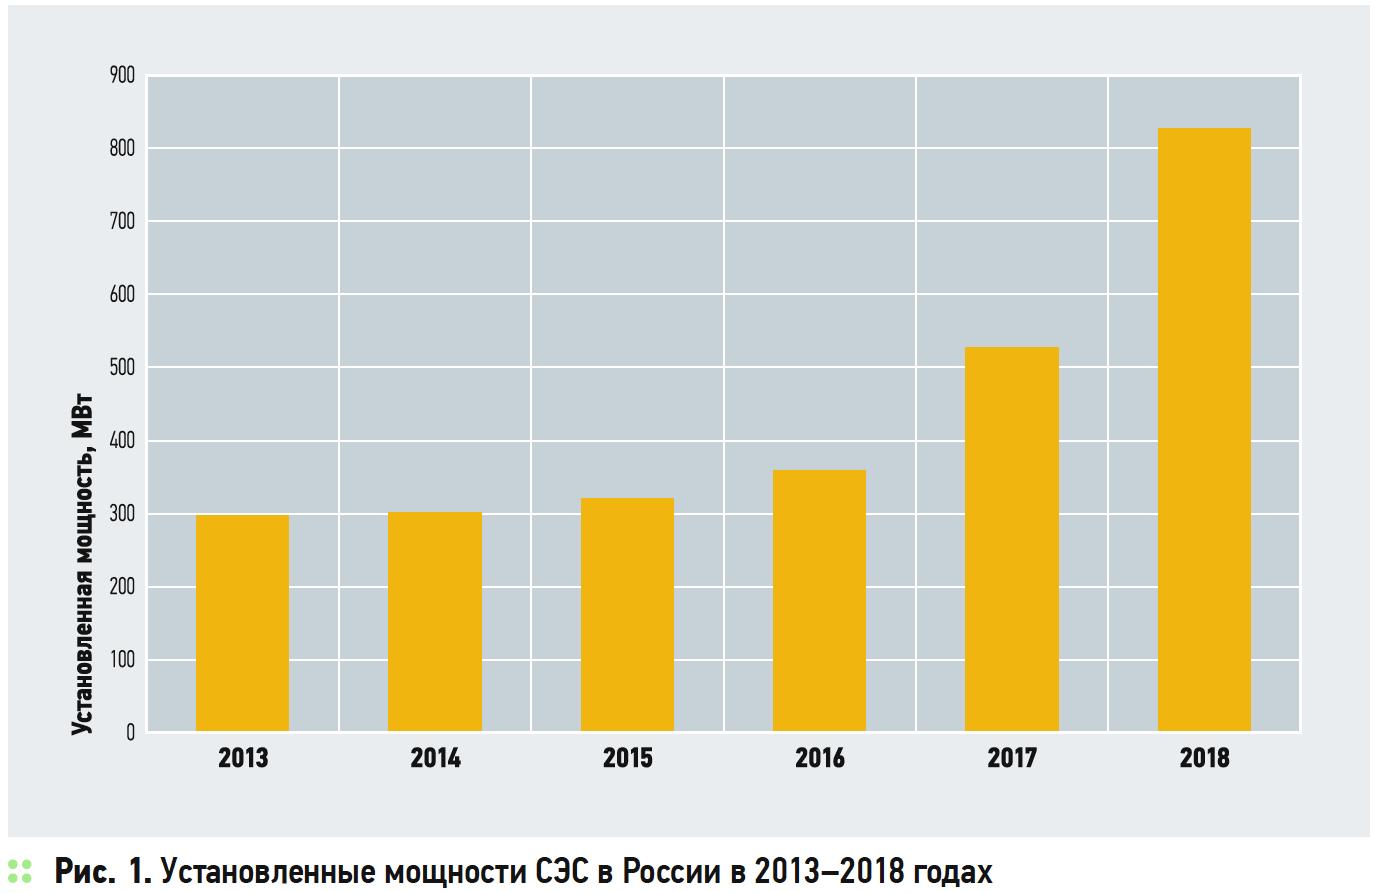 Развитие и реализованные проекты солнечной энергетики в России. 9/2019. Фото 3